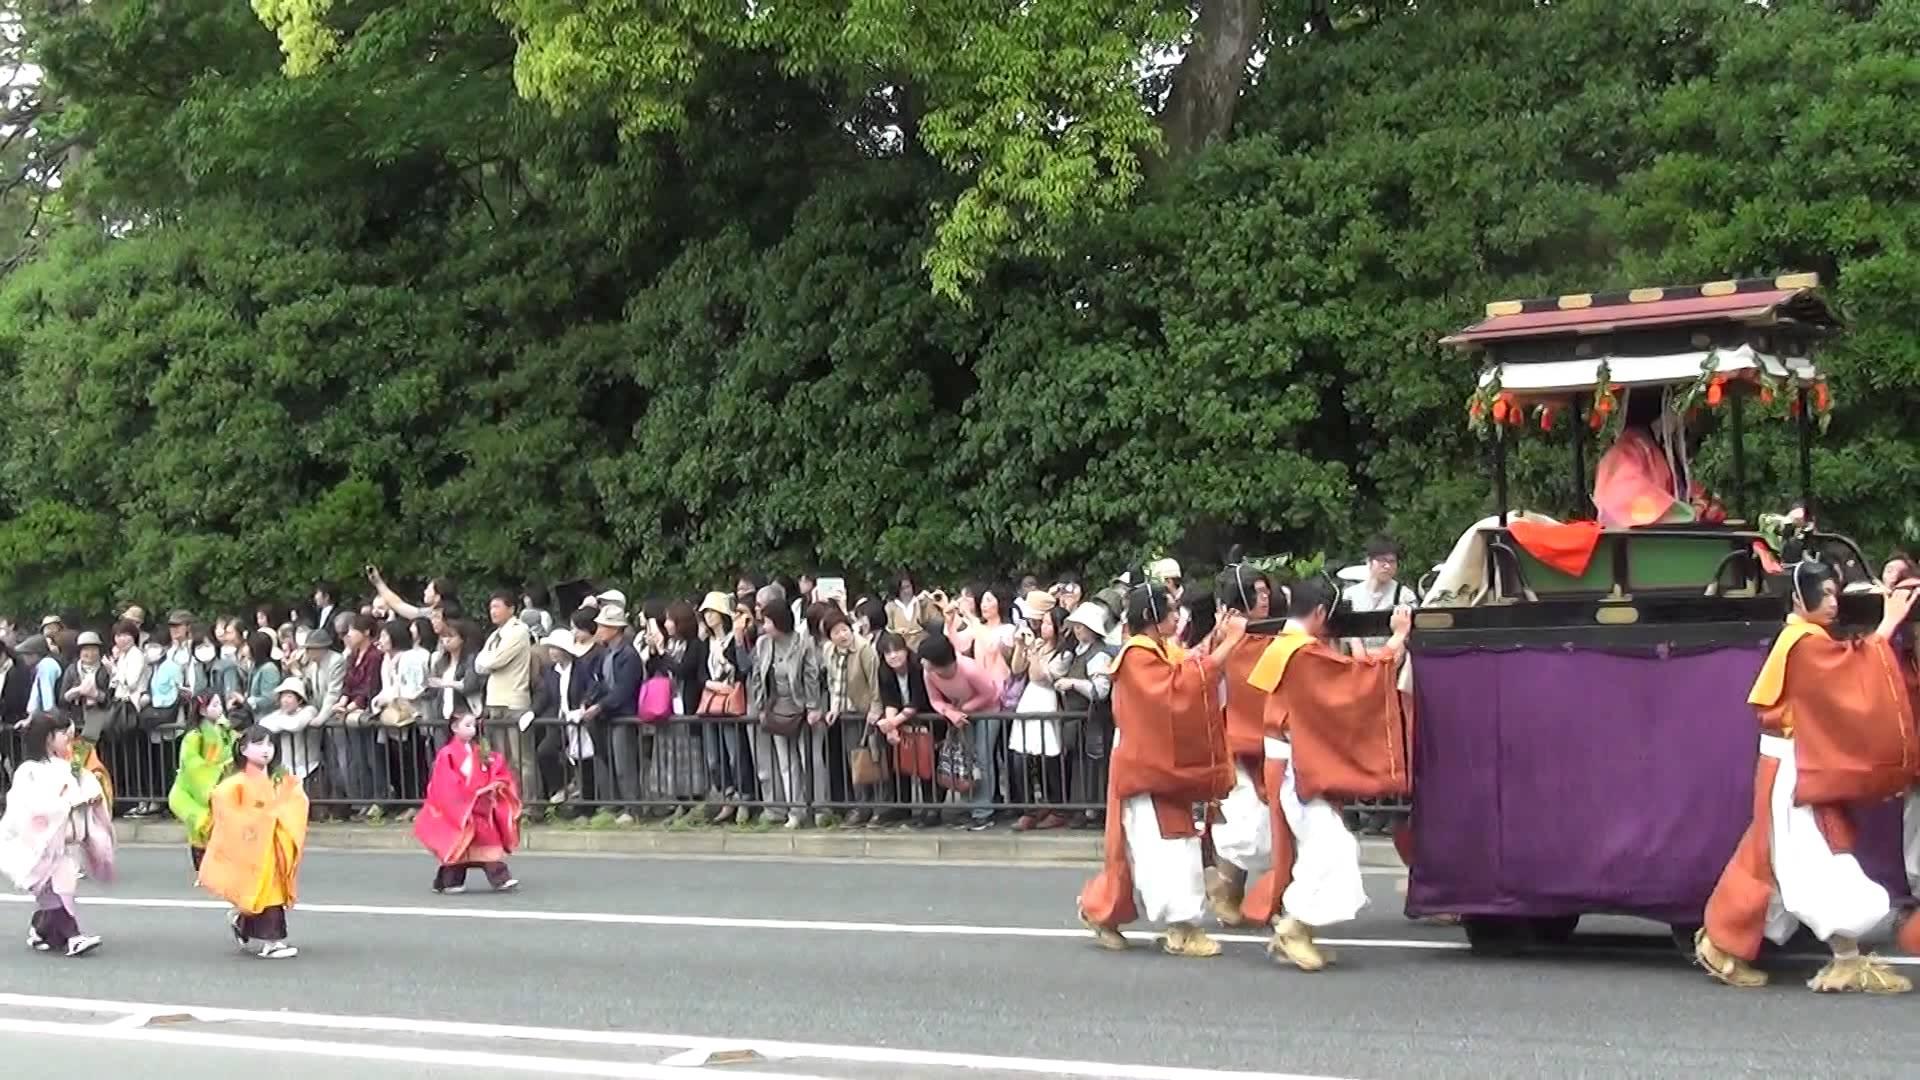 2014年の葵祭にて、思わず見とれてしまうほどの美しい斎王代が御所を出発!